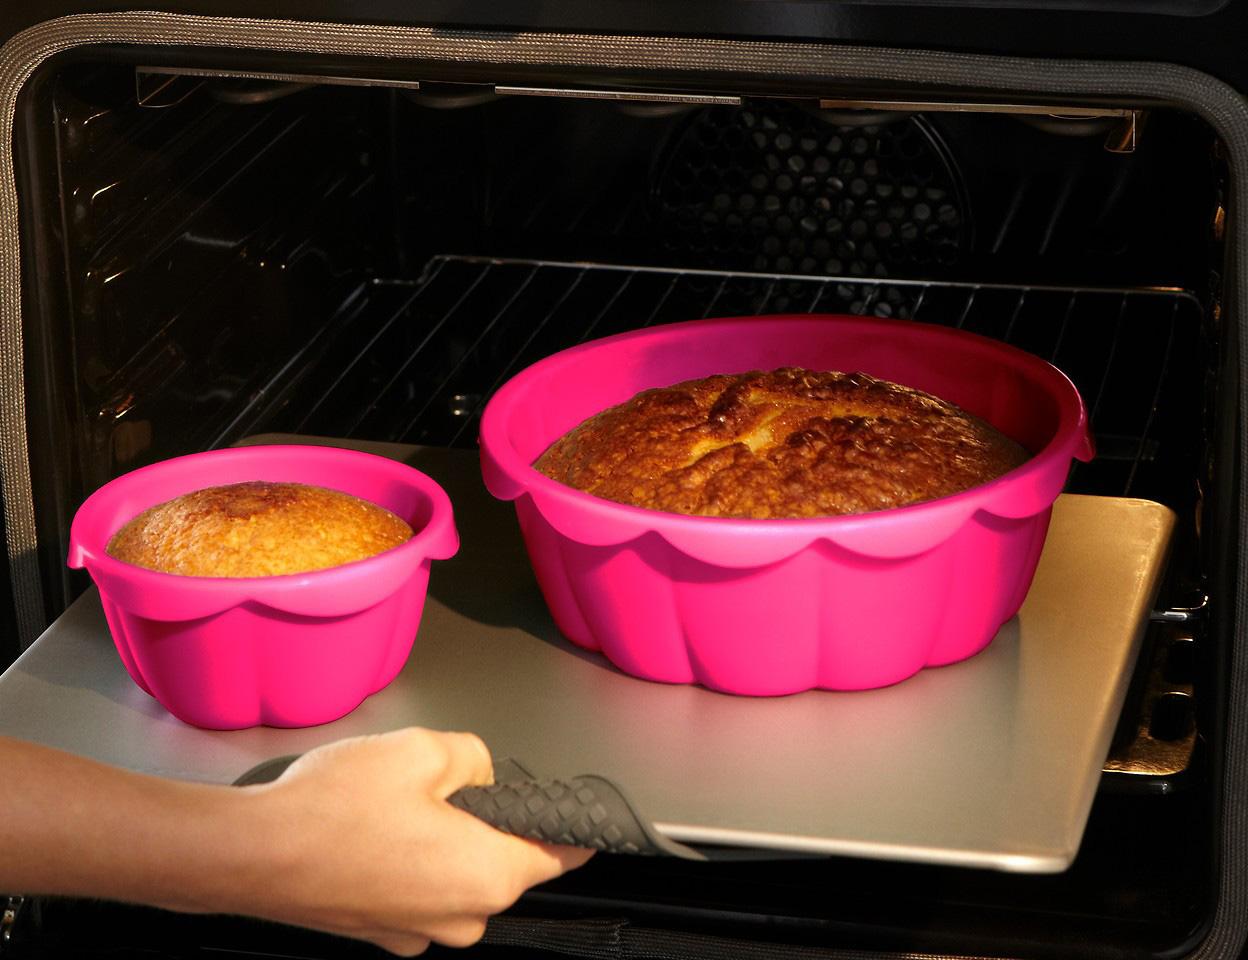 силиконовая форма в газовой духовке